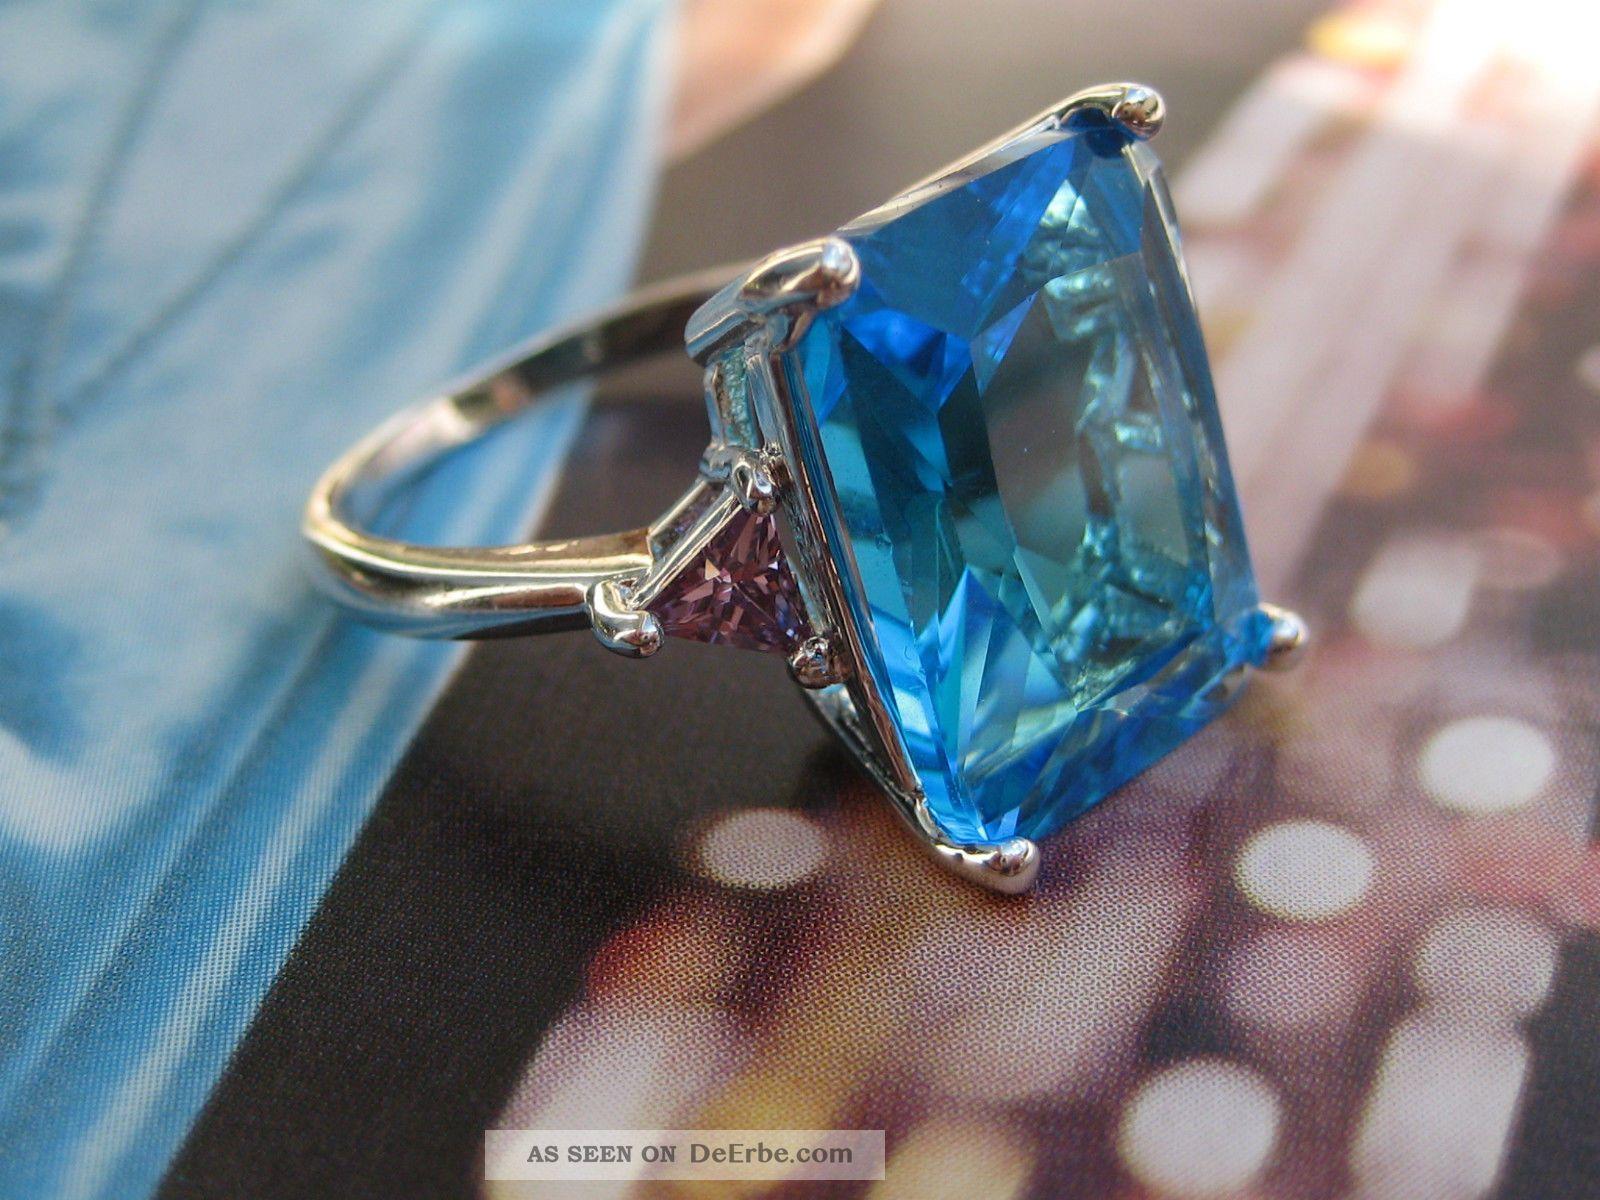 Vintage Art Deco Imposant Silberner Ring 925 Riesiger Blautopas ? Blue Topaz ? Schmuck nach Epochen Bild